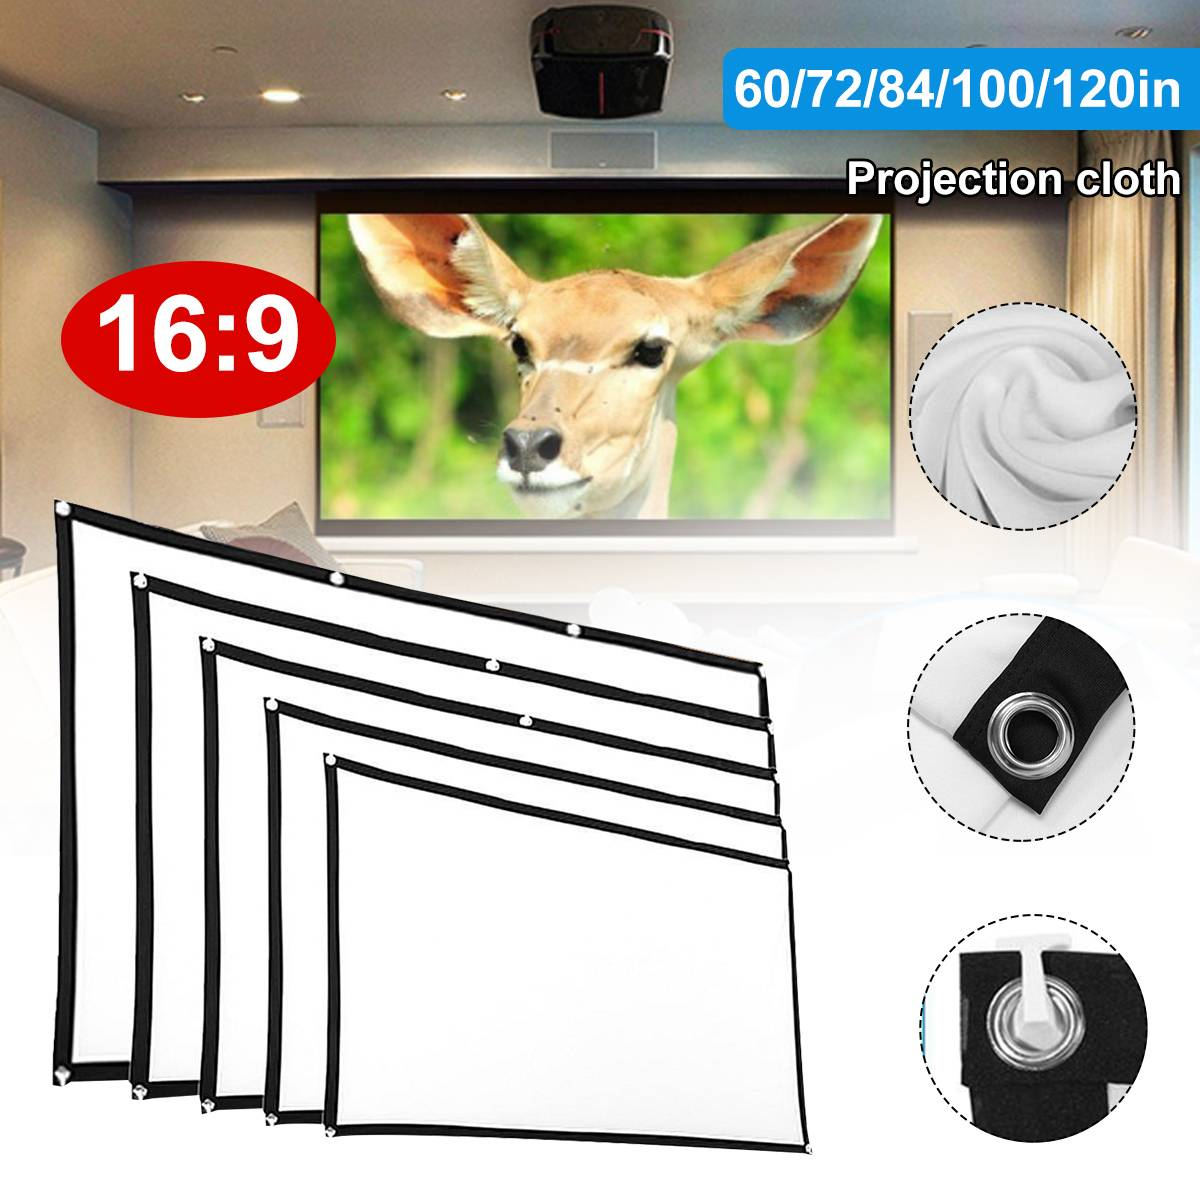 Ao ar livre 16 9 tela de projeção pano macio 4 k 3d hd projetor filme 60/72/84/100/120 polegadas dobrável para o filme de acampamento em casa